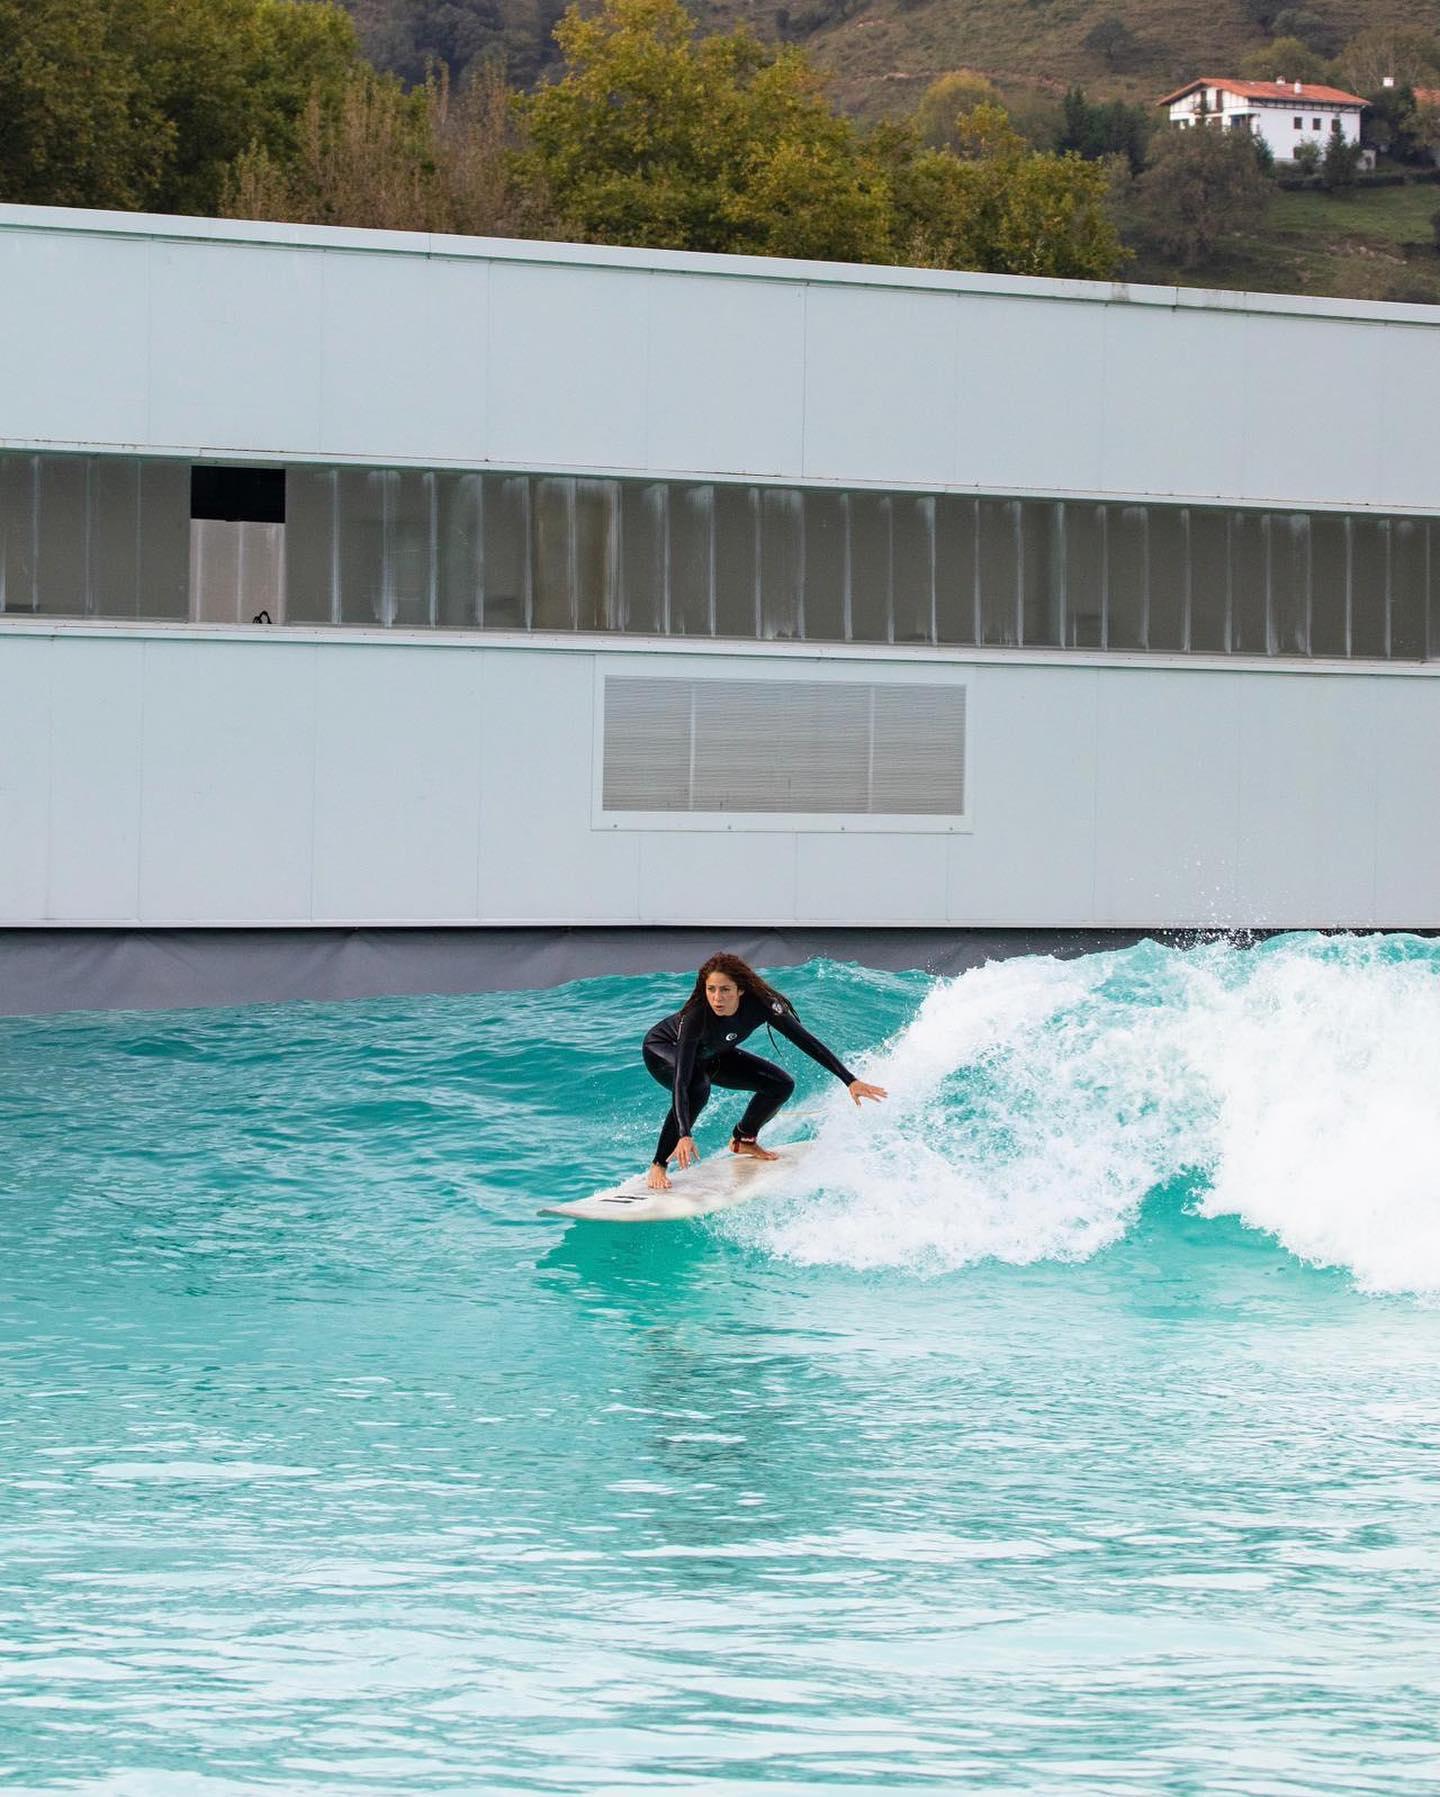 Shakira the Surfer Babe!